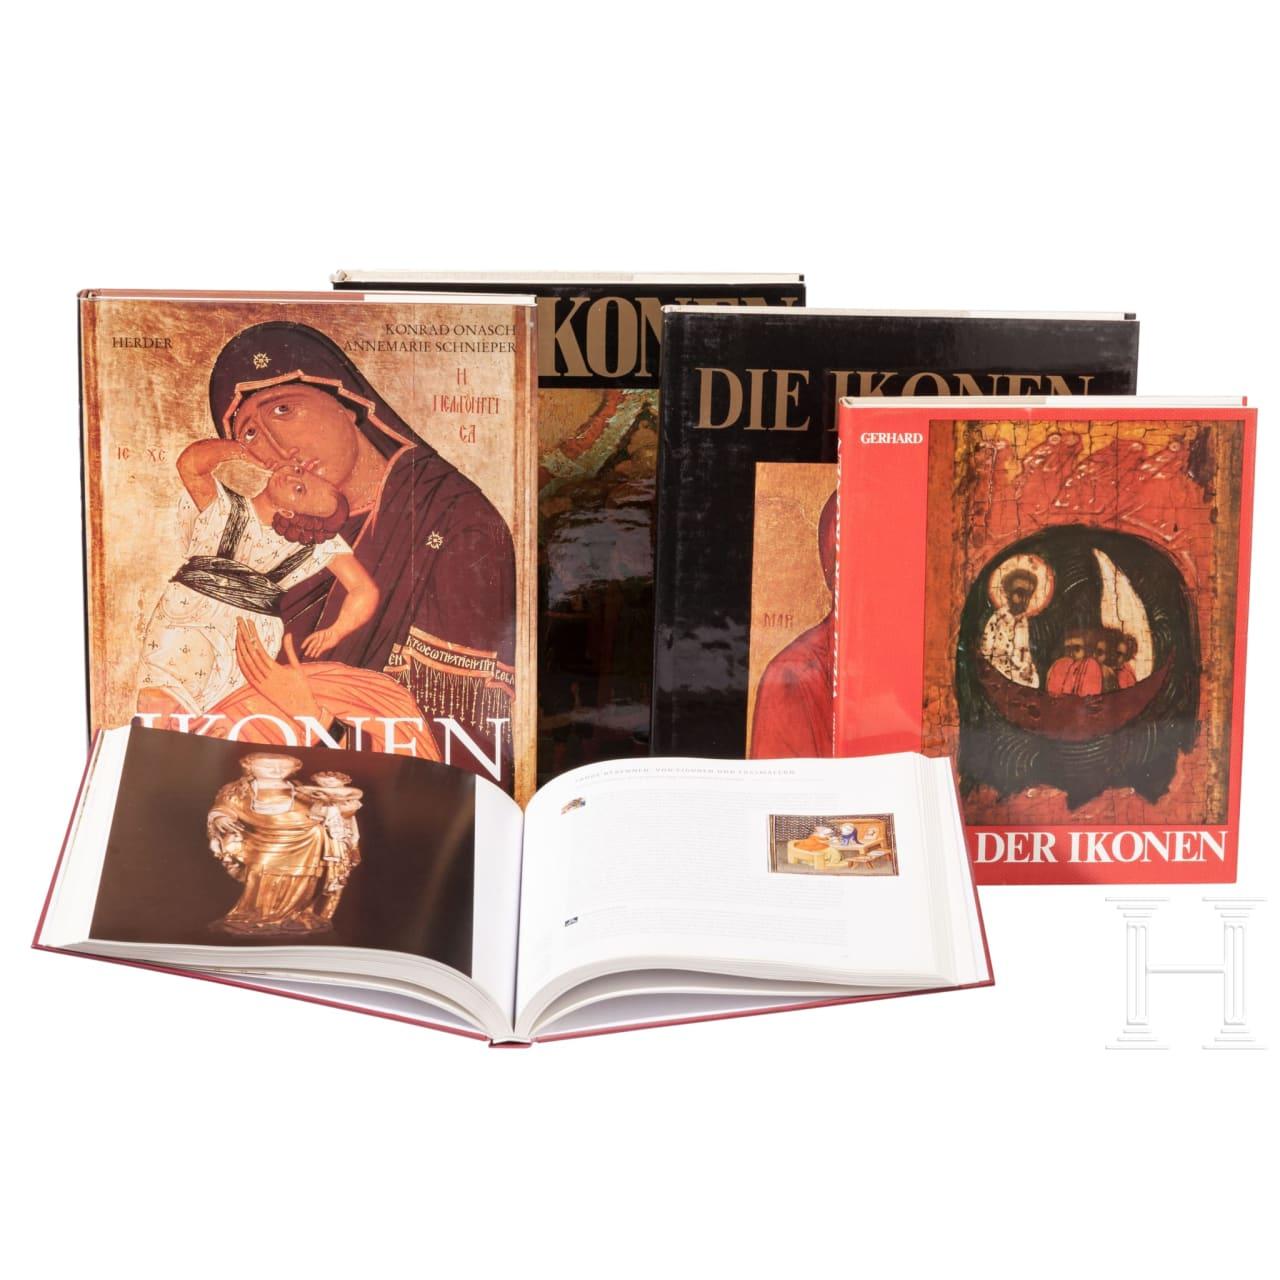 Fünf Kunstbücher zum Thema Ikonen